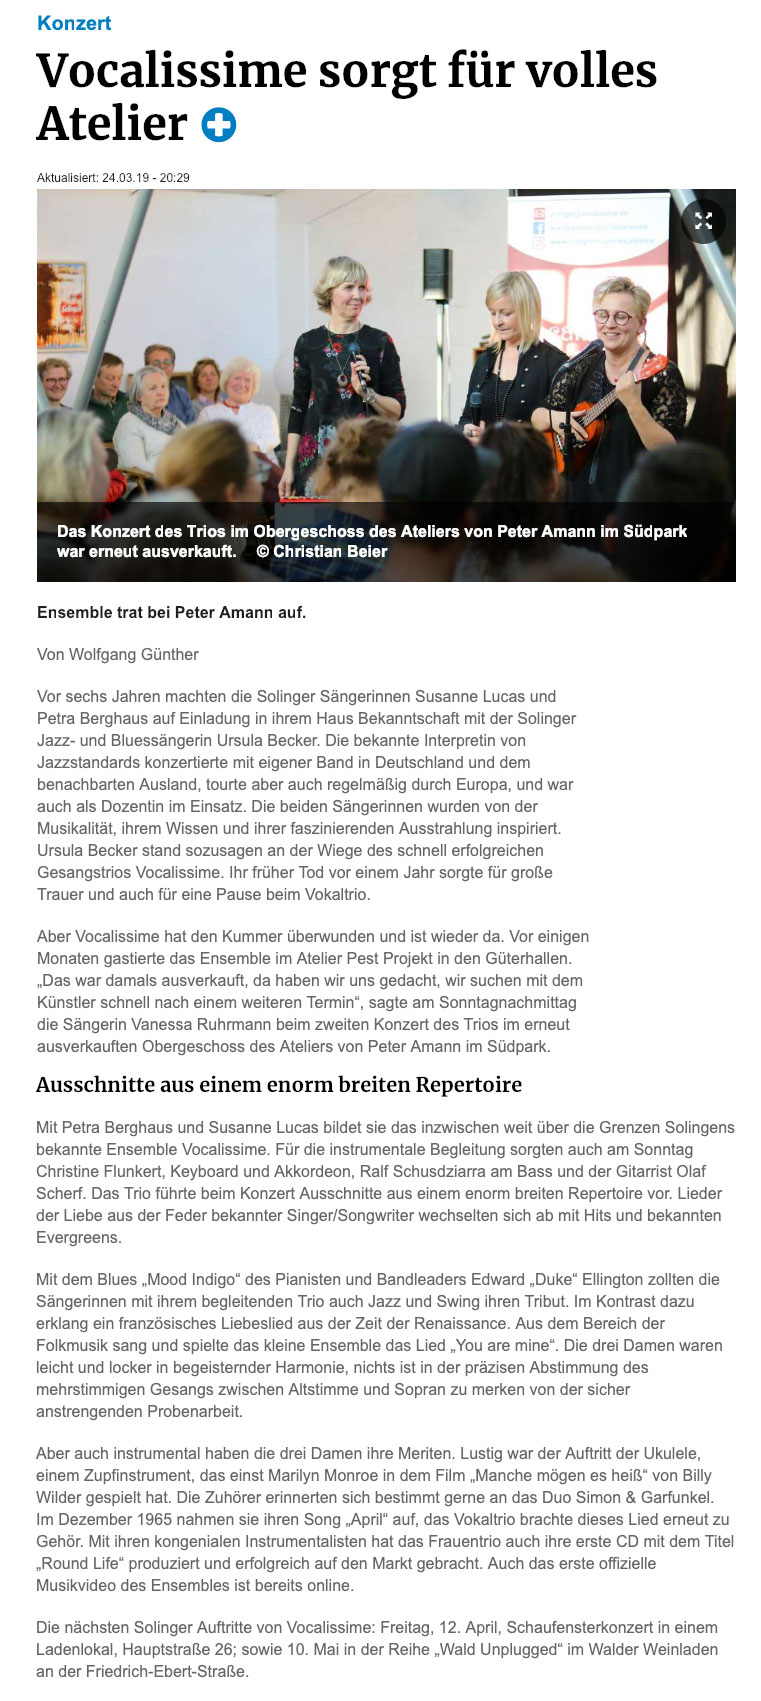 Pressebericht Vocalissime in den Güterhallen 2019